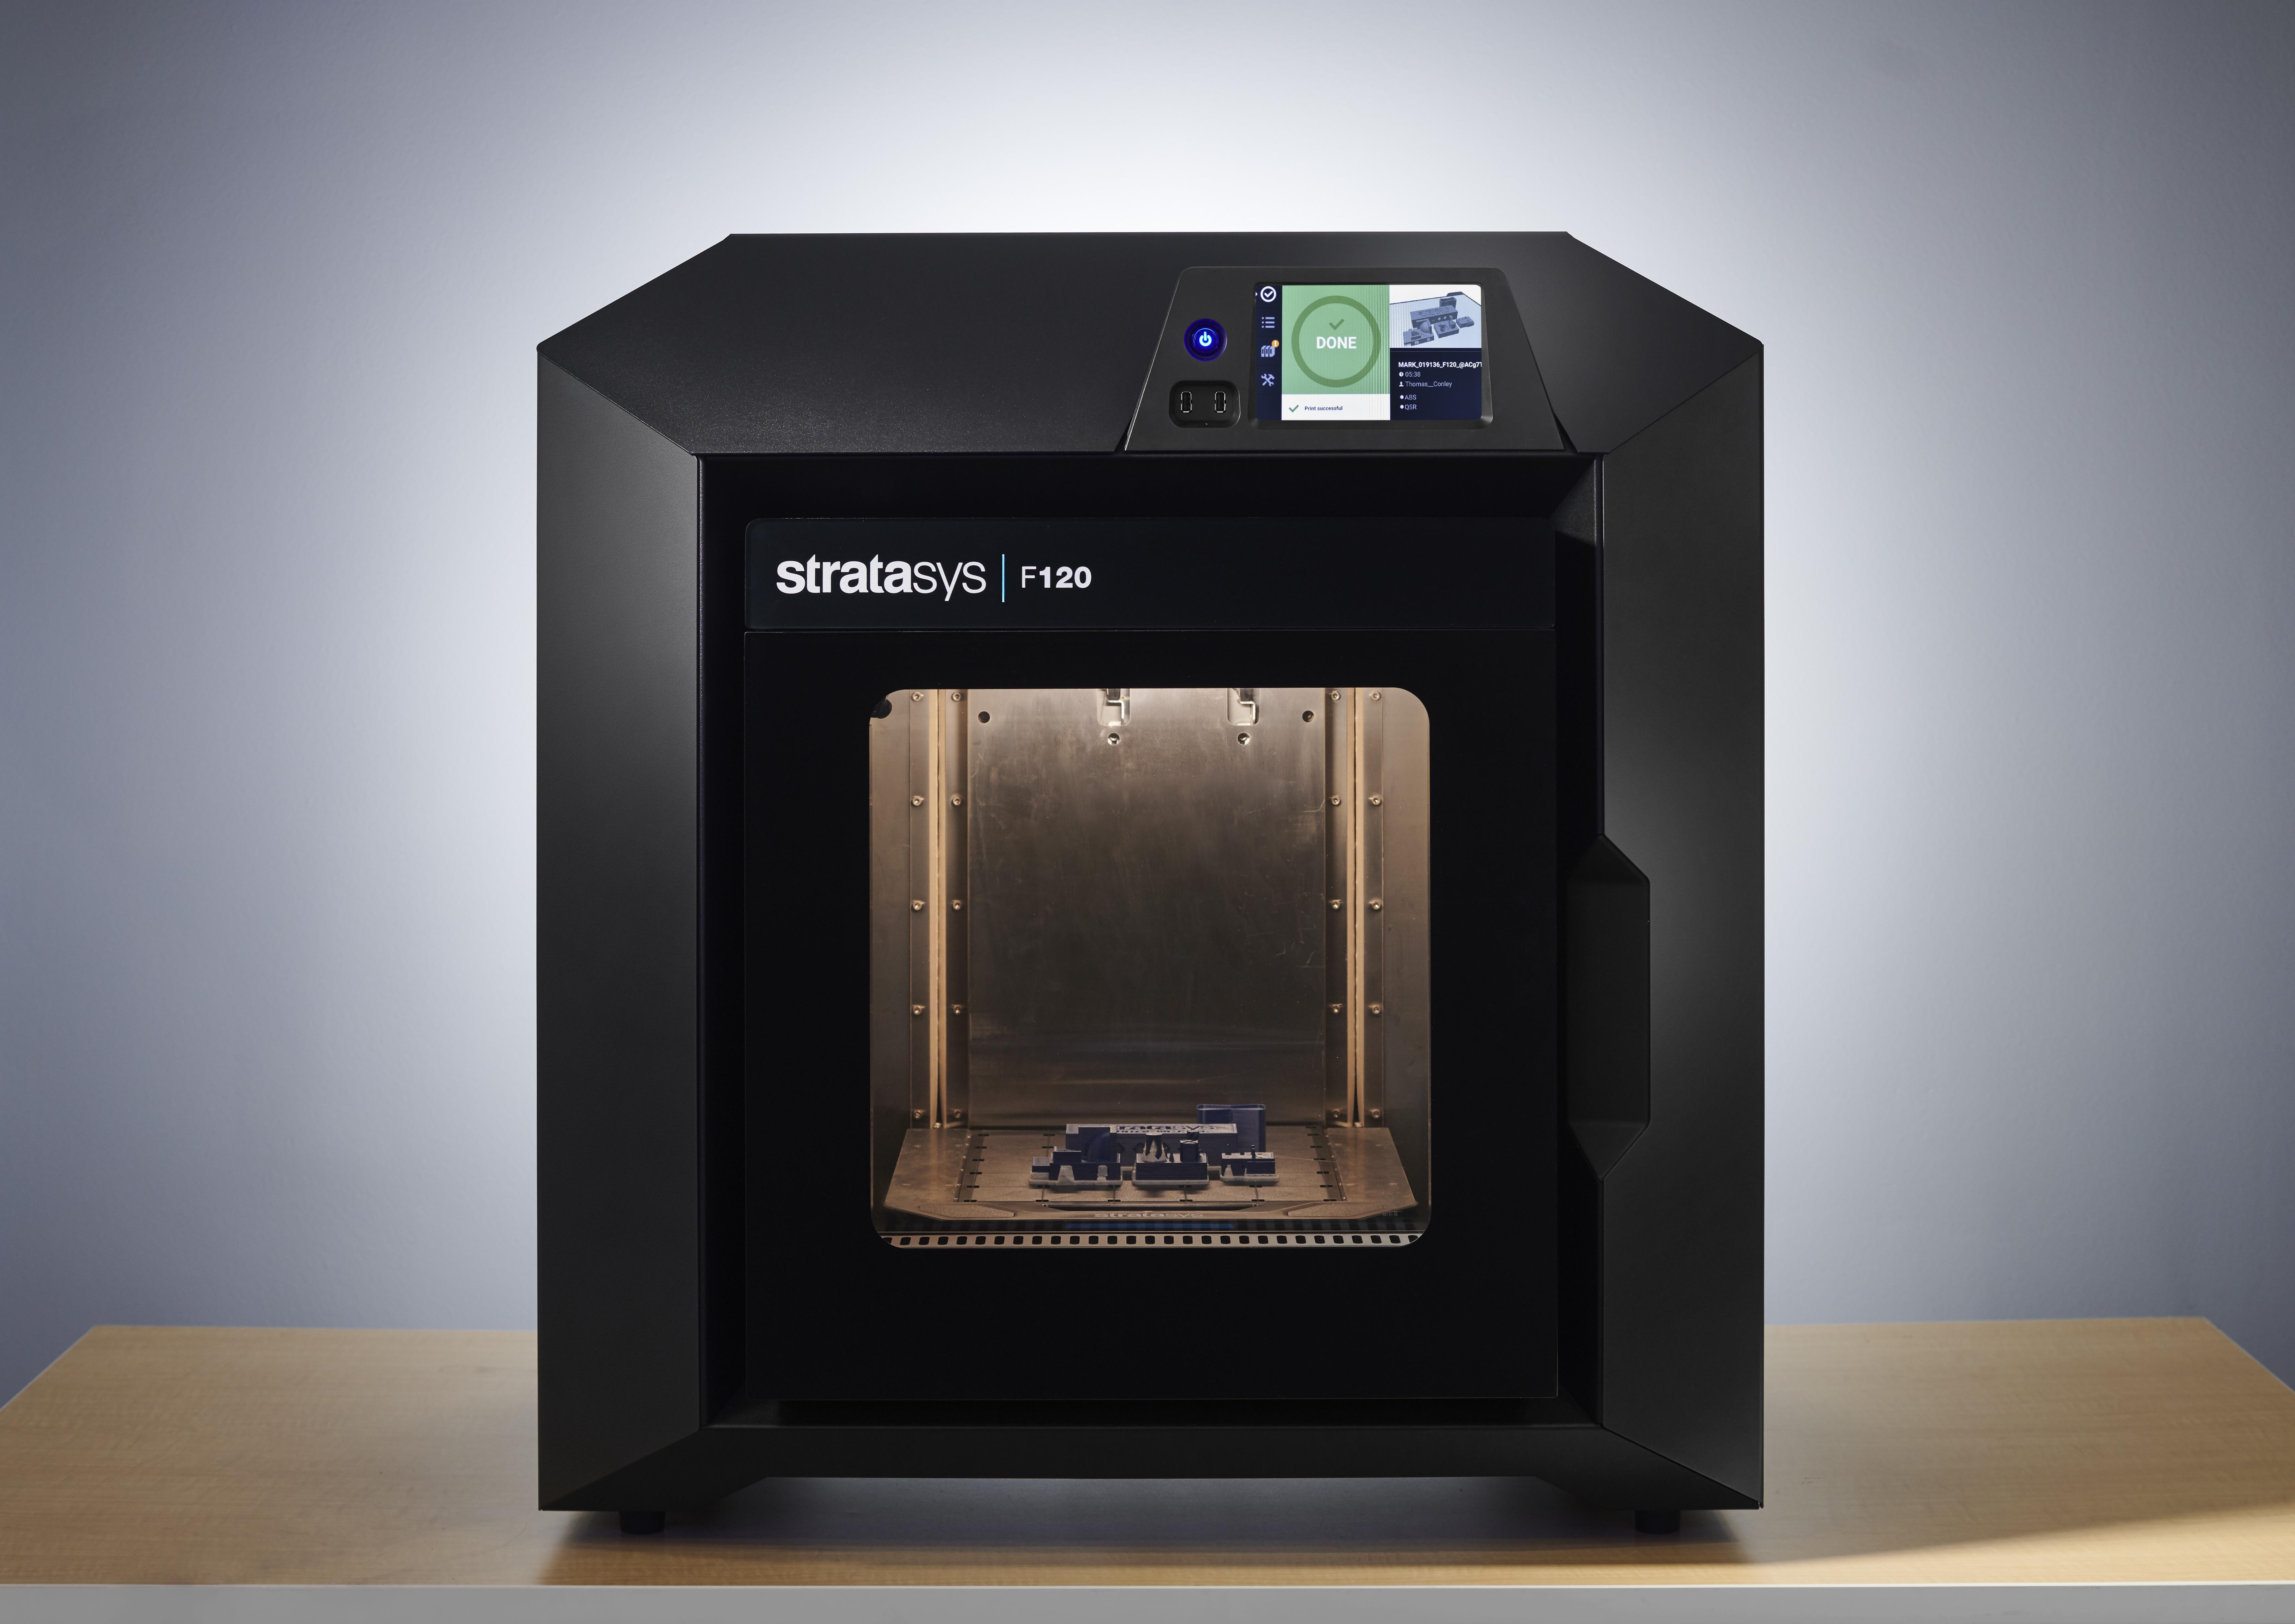 プリンター 価格 3d 3Dプリンターの価格はいくら?費用別製品まとめ